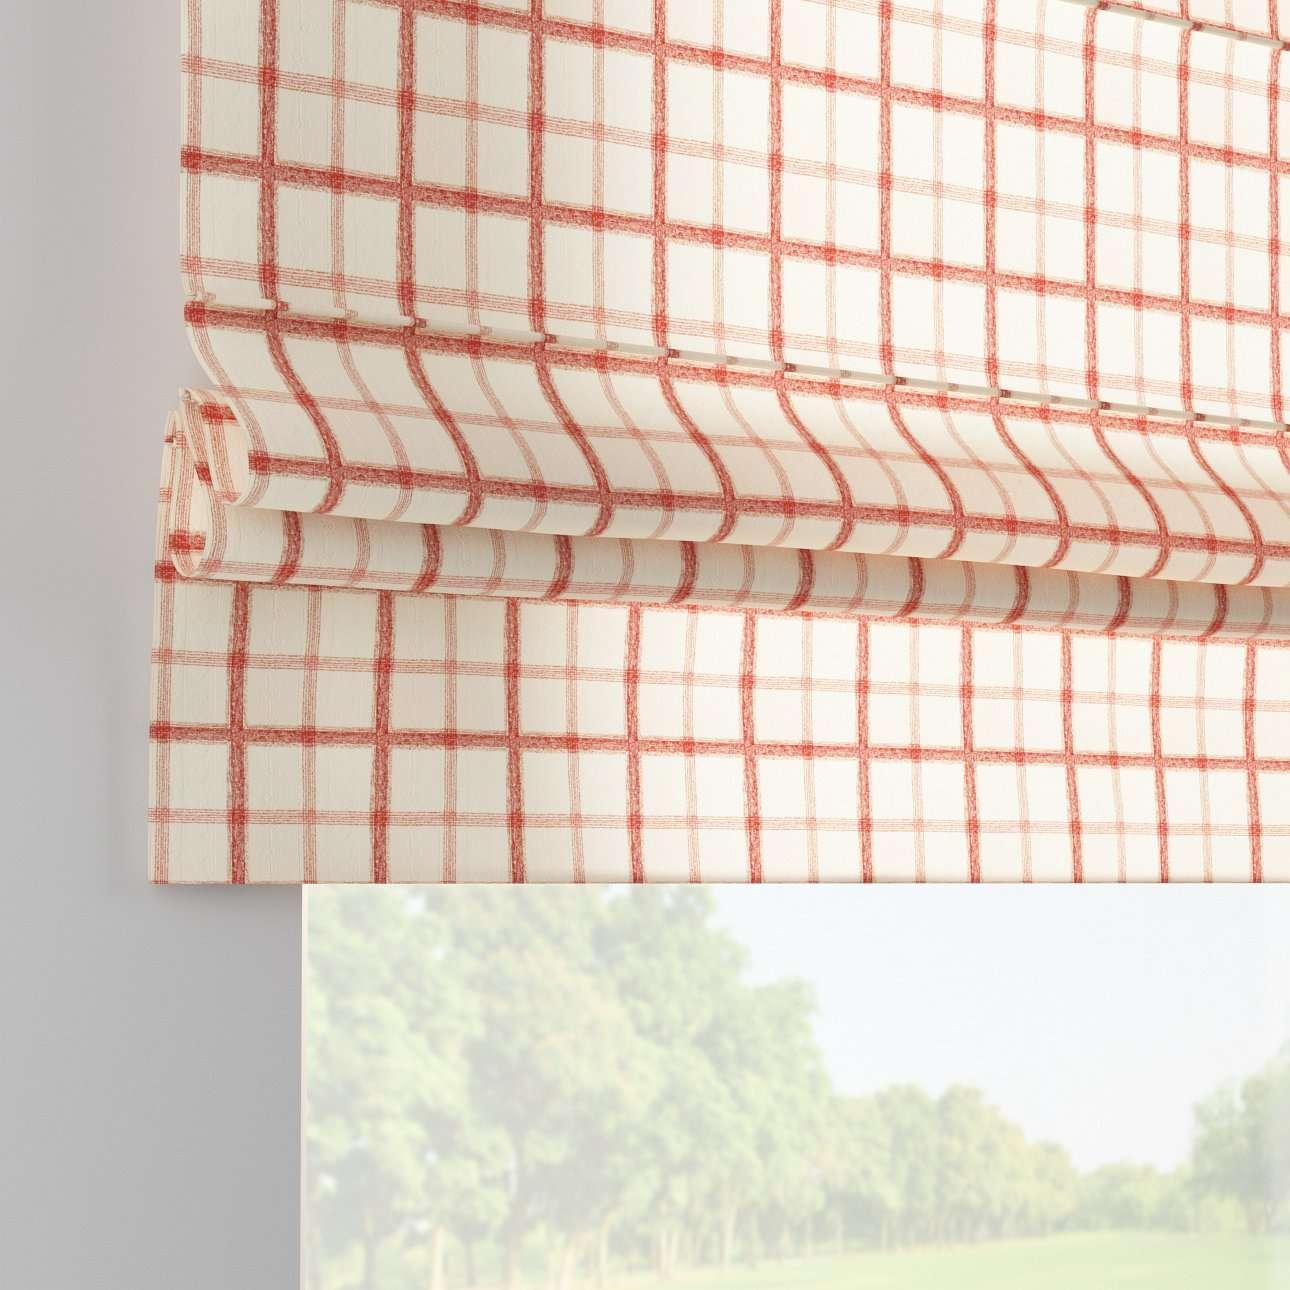 Romanetės Padva 80 x 170 cm (plotis x ilgis) kolekcijoje Avinon, audinys: 131-15